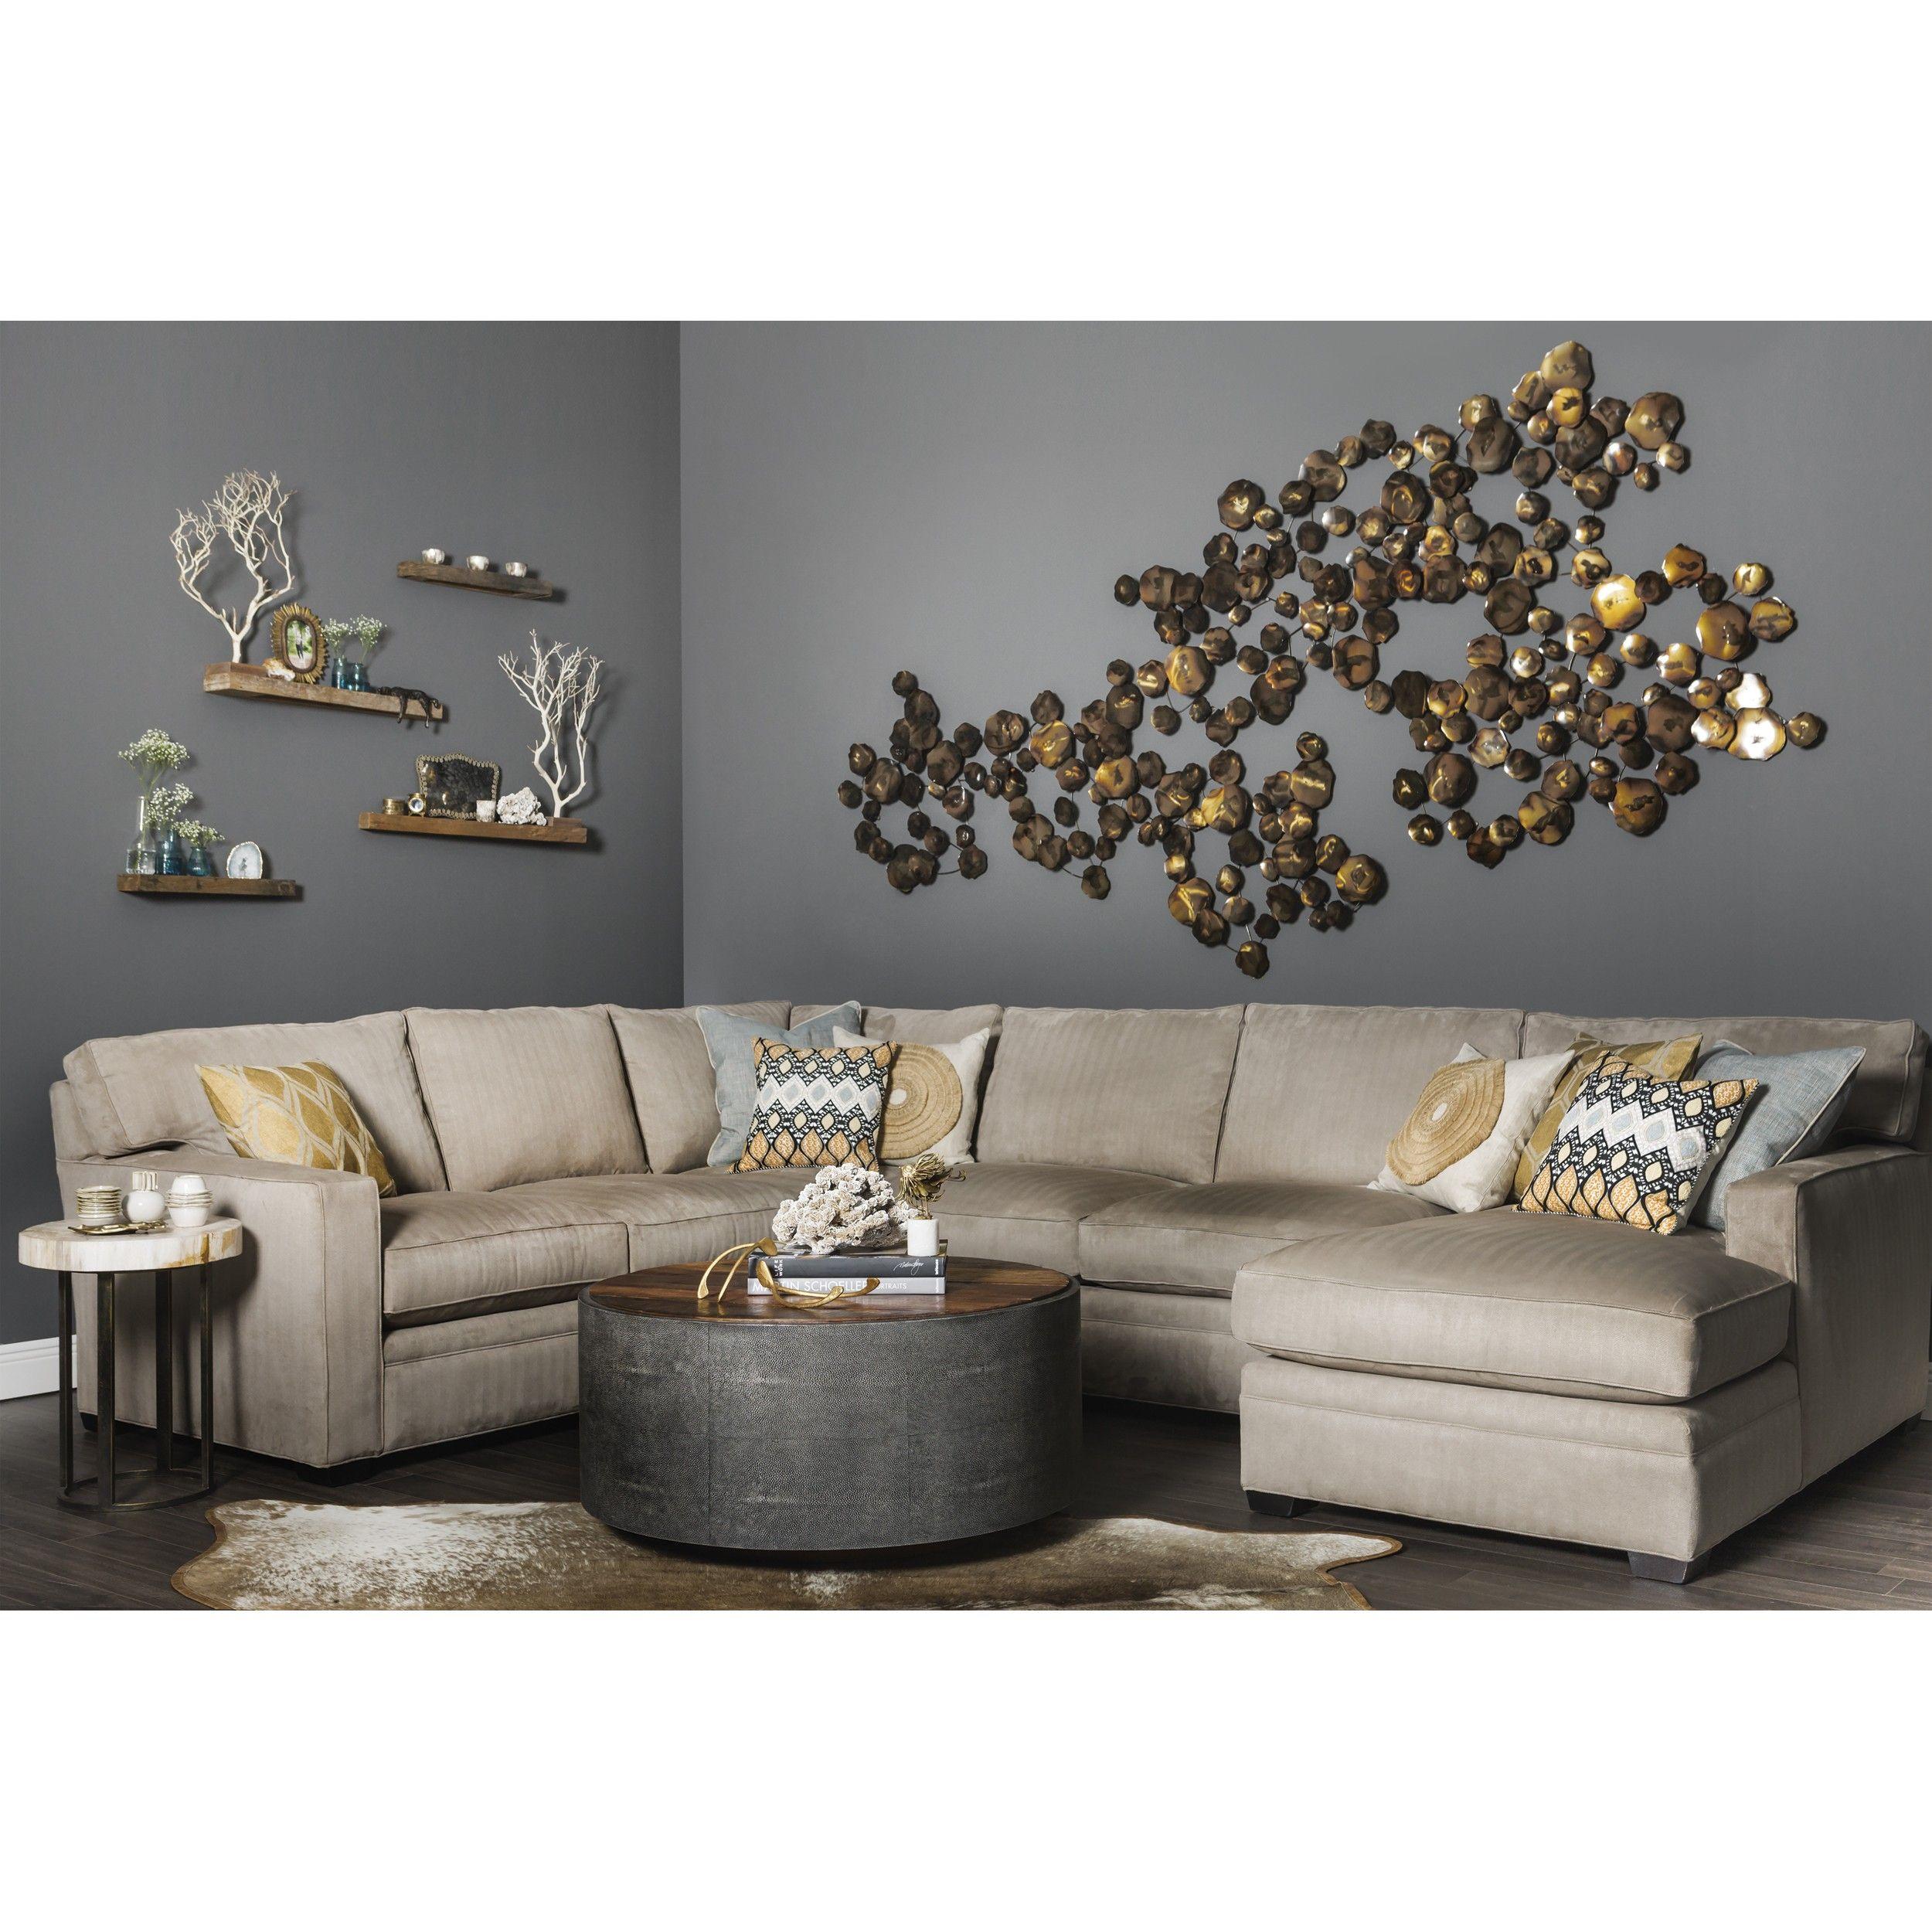 Leaf Wall Decor Bronze Contemporary Decor Living Room Bronze Living Room Living Room Designs Bronze living room decor